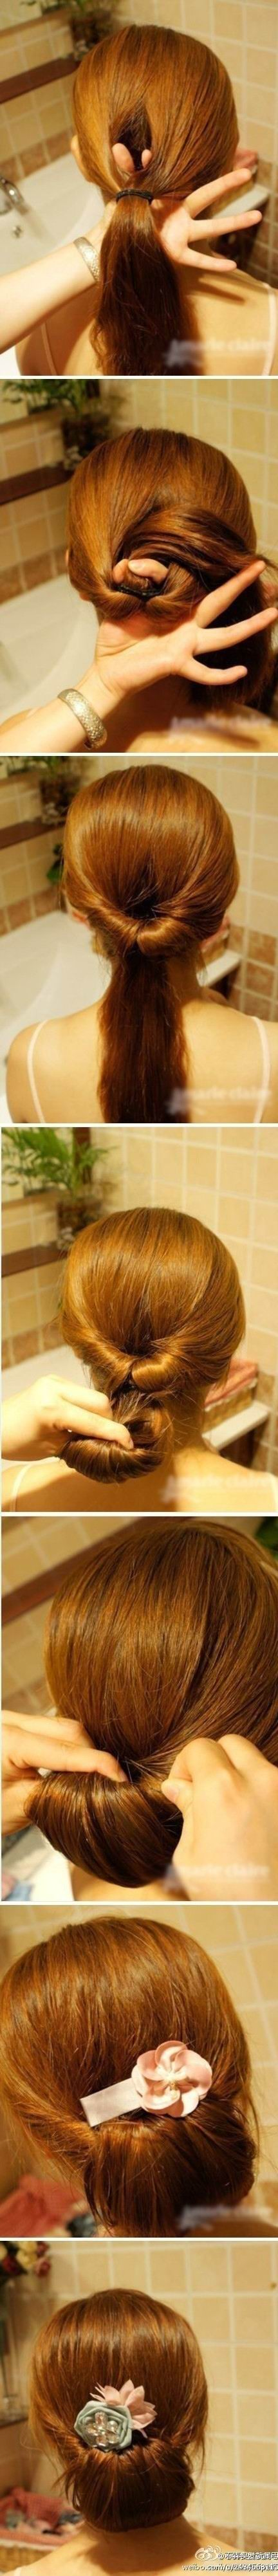 Hair Tutorial - How to do a Cute Chigon Updo